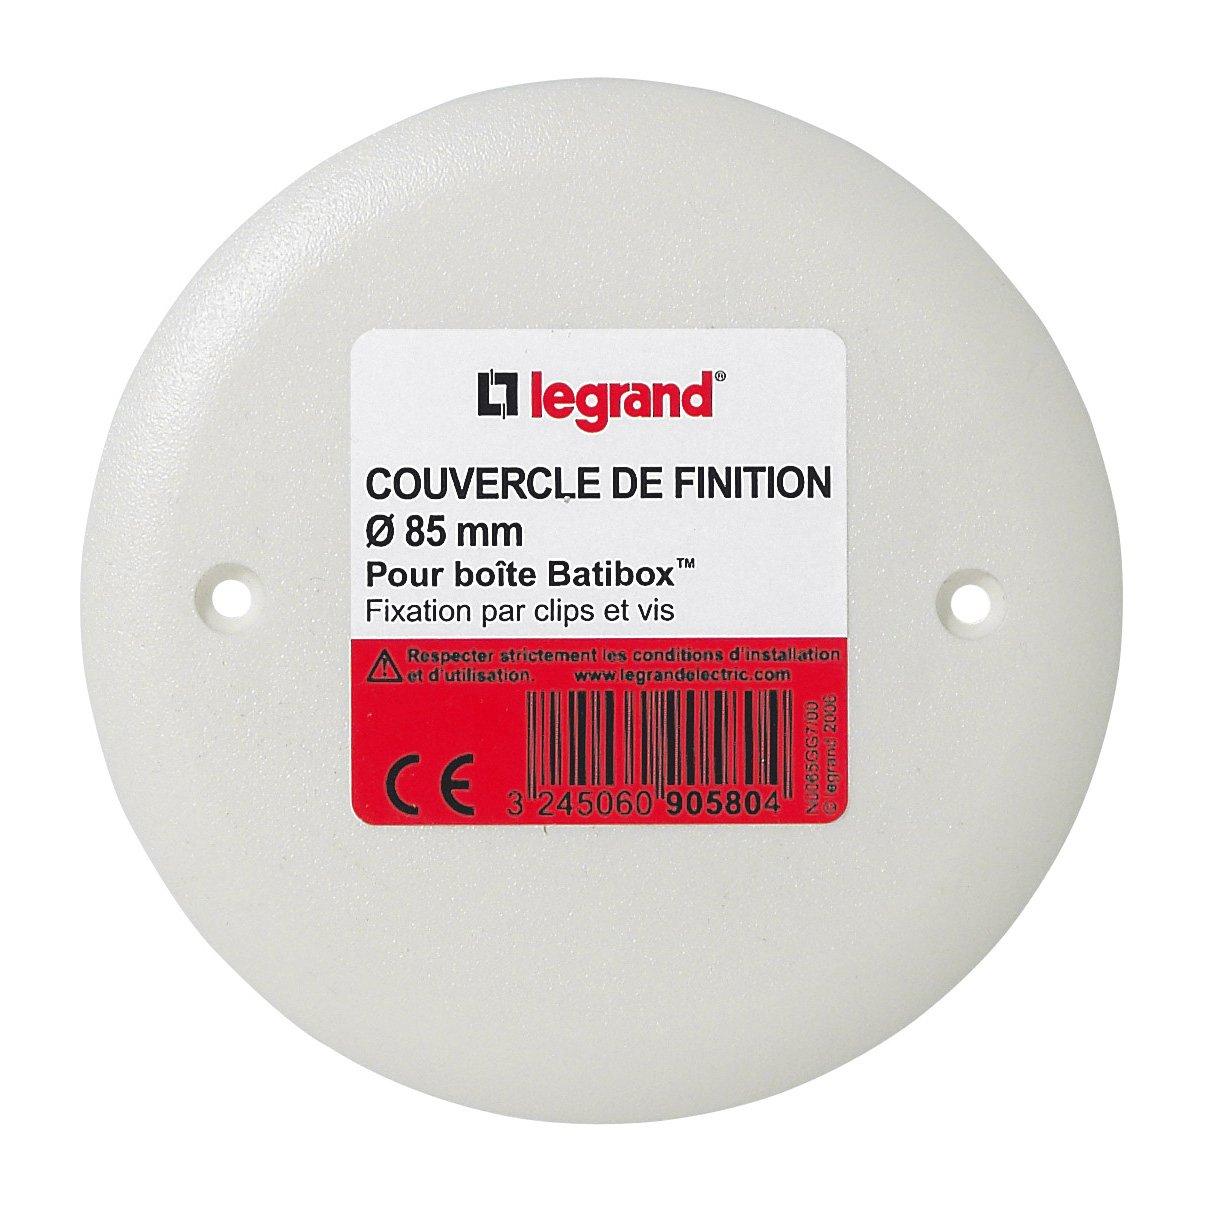 Legrand - Placa embellecedora para caja Batibox (80 x 80 mm): Amazon.es: Bricolaje y herramientas